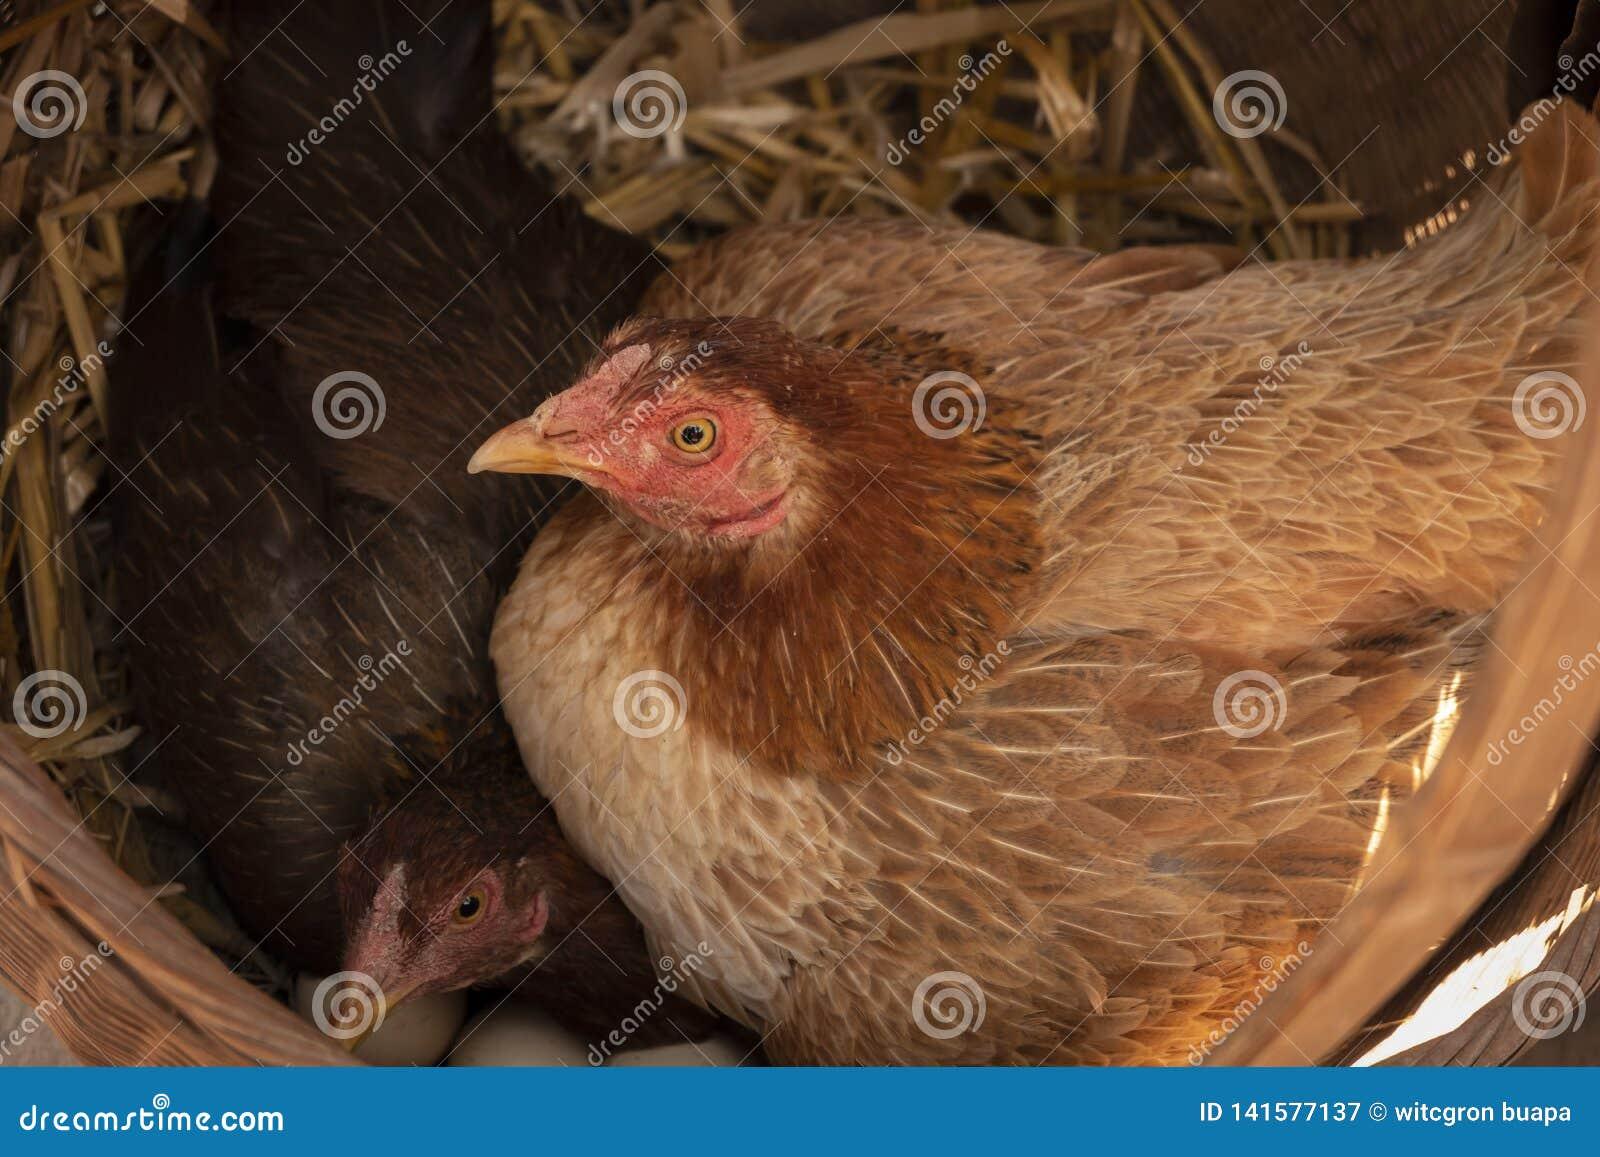 Karmazynka w gniazdeczku z jajkami